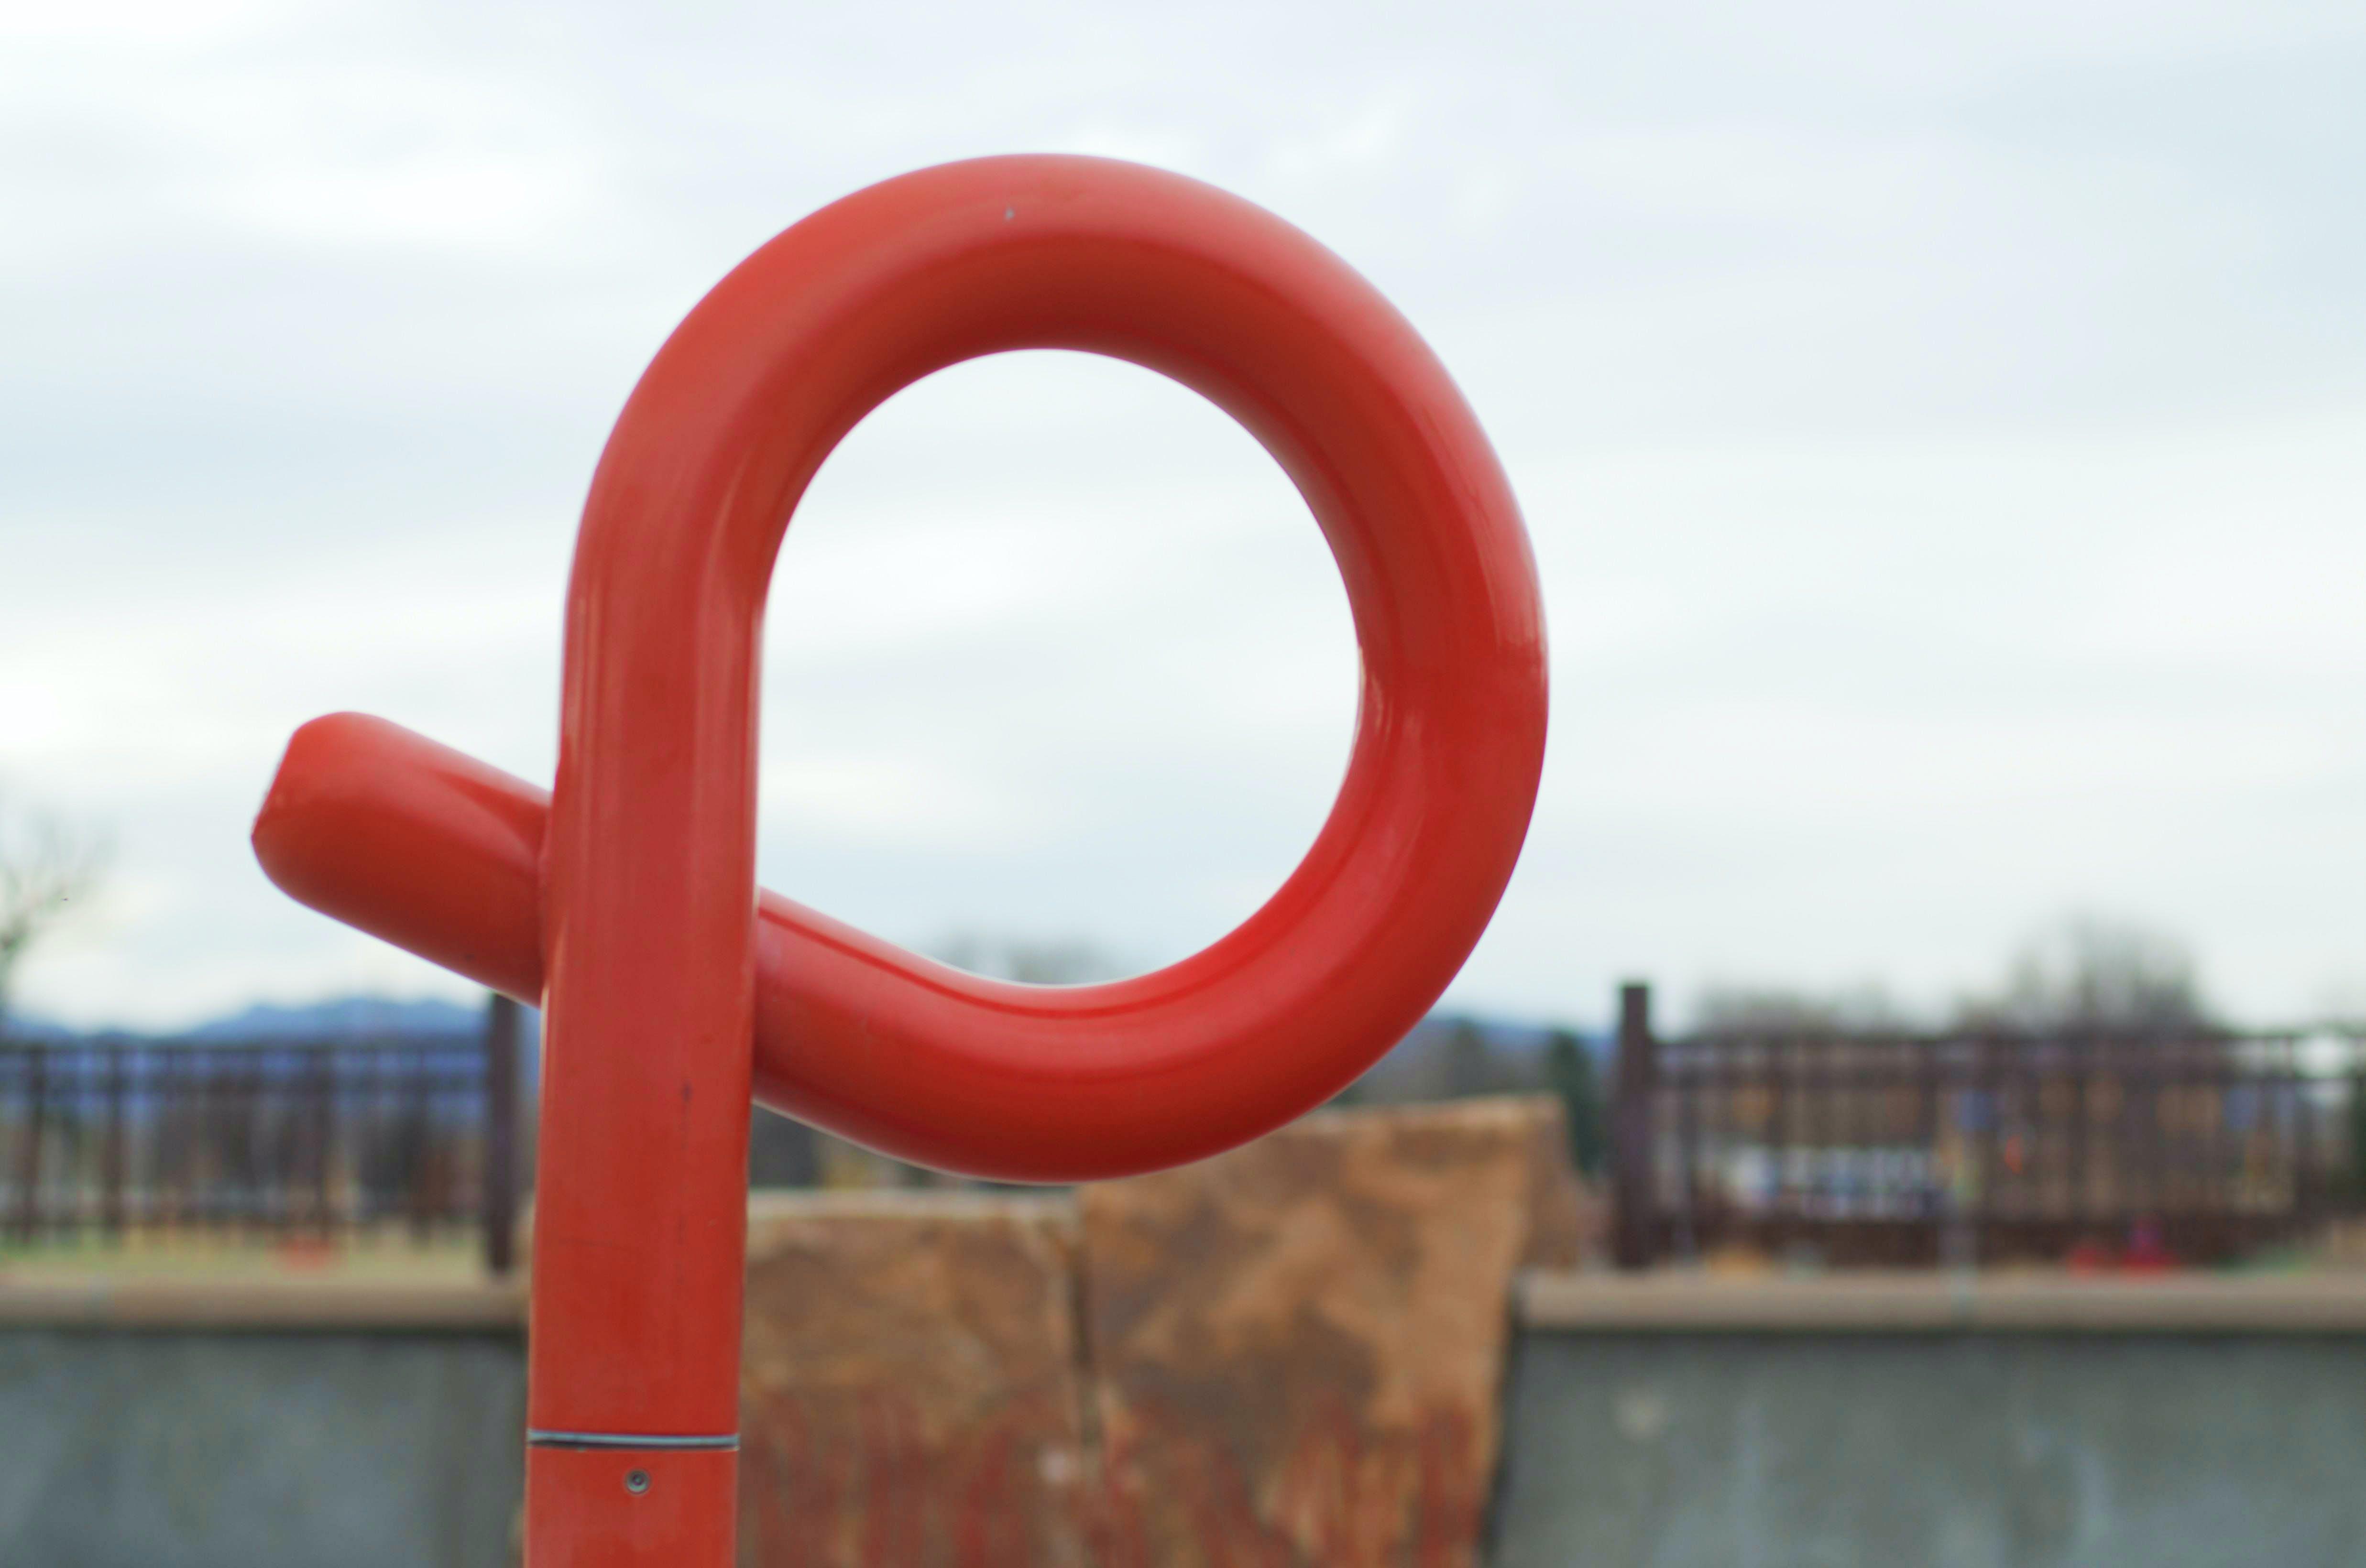 Gratis lagerfoto af p, park, rød